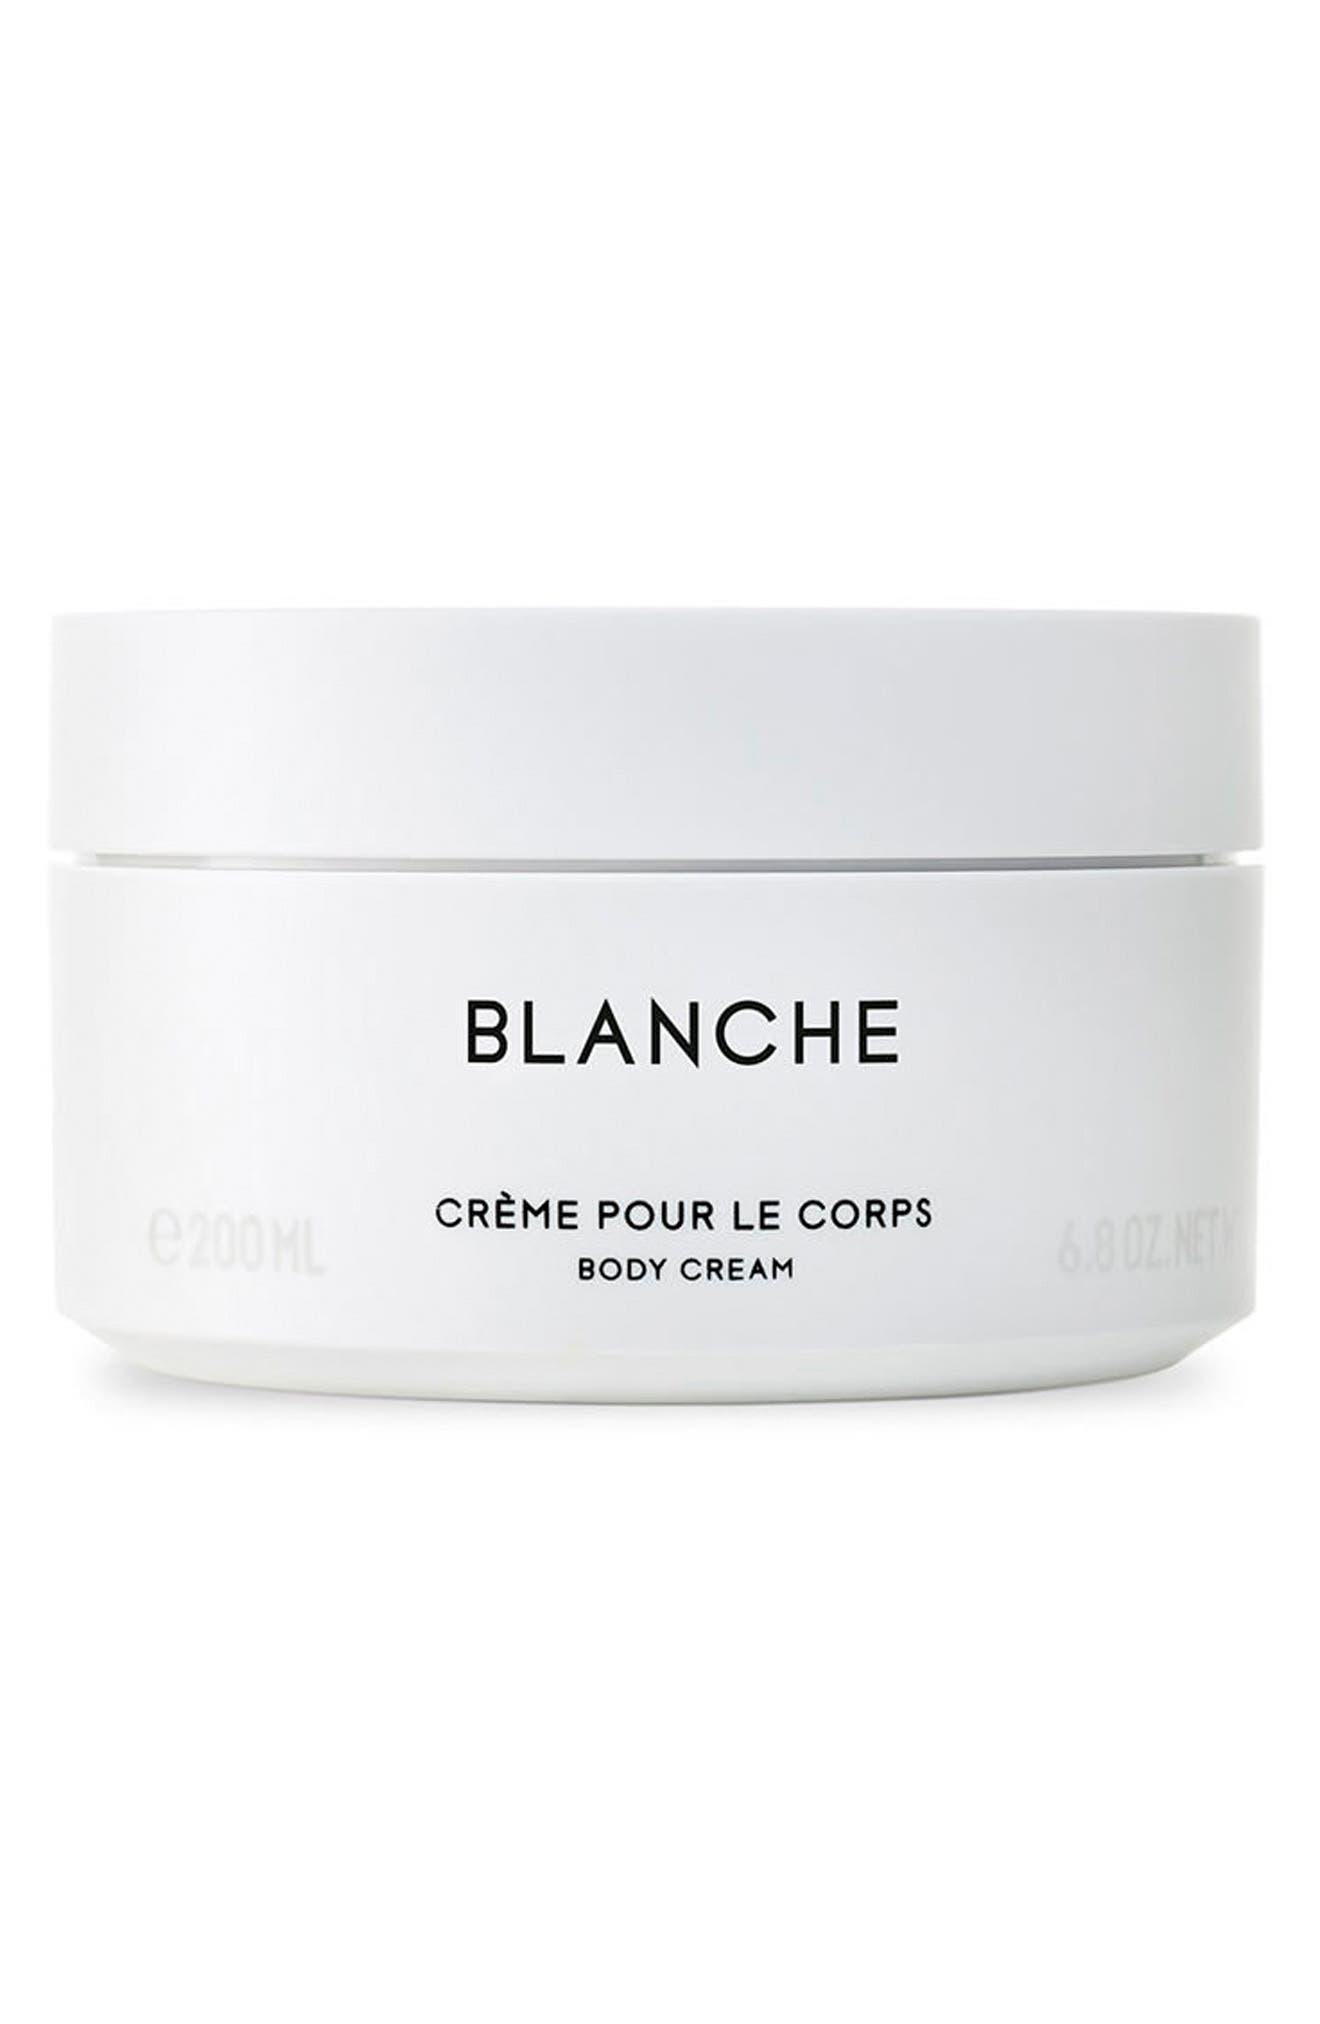 Blanche Body Cream,                             Main thumbnail 1, color,                             NO COLOR